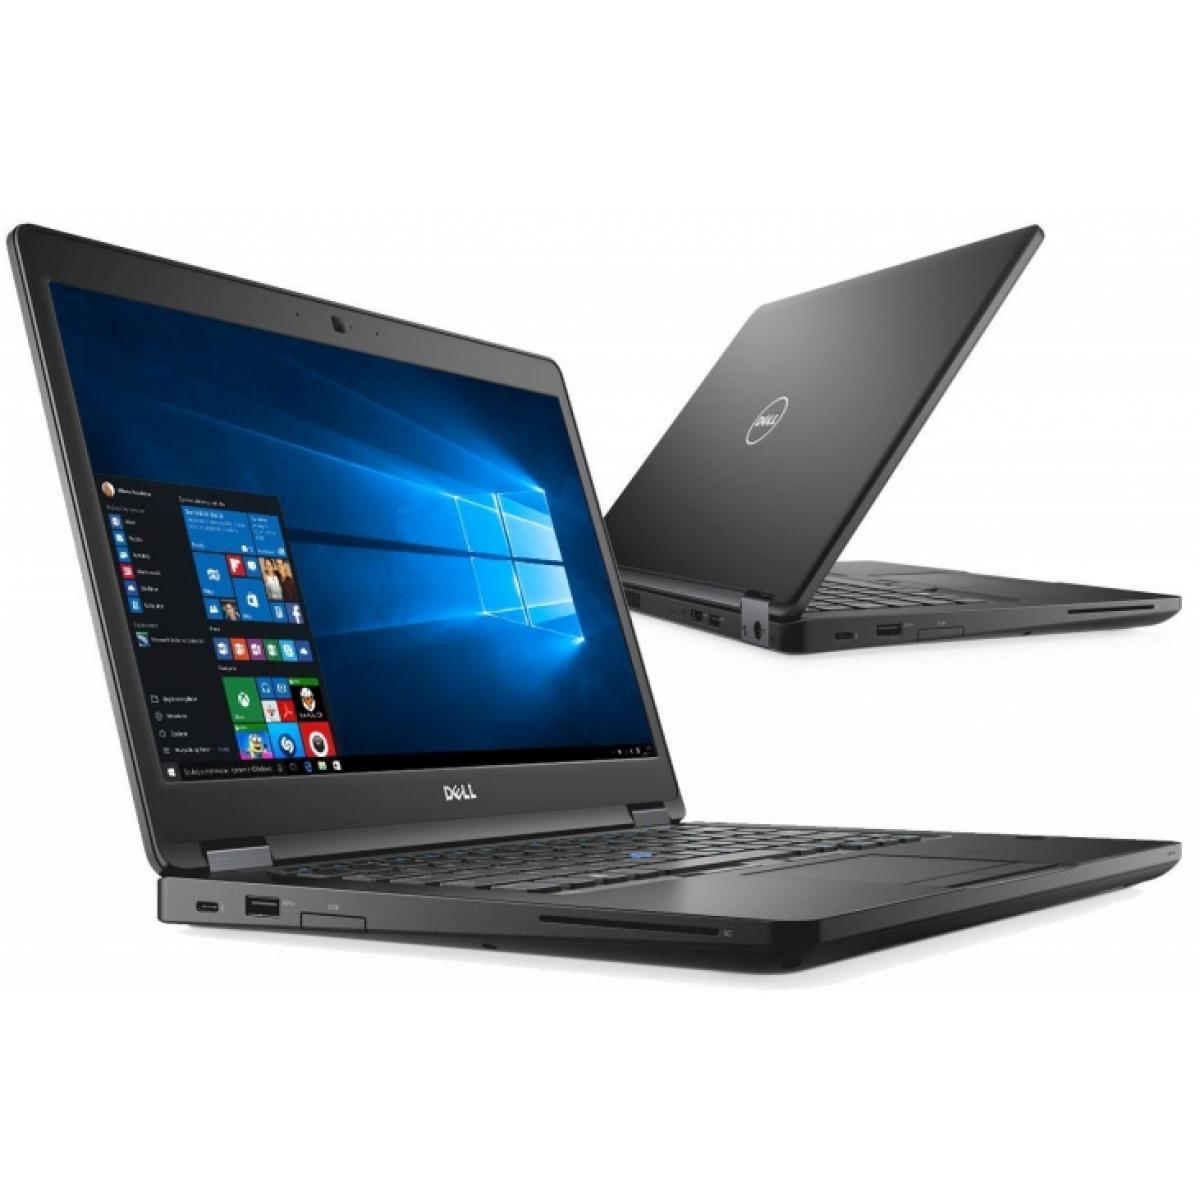 Dell Latitude 15 Series E5580 Core i7 w / Win 10 Pro